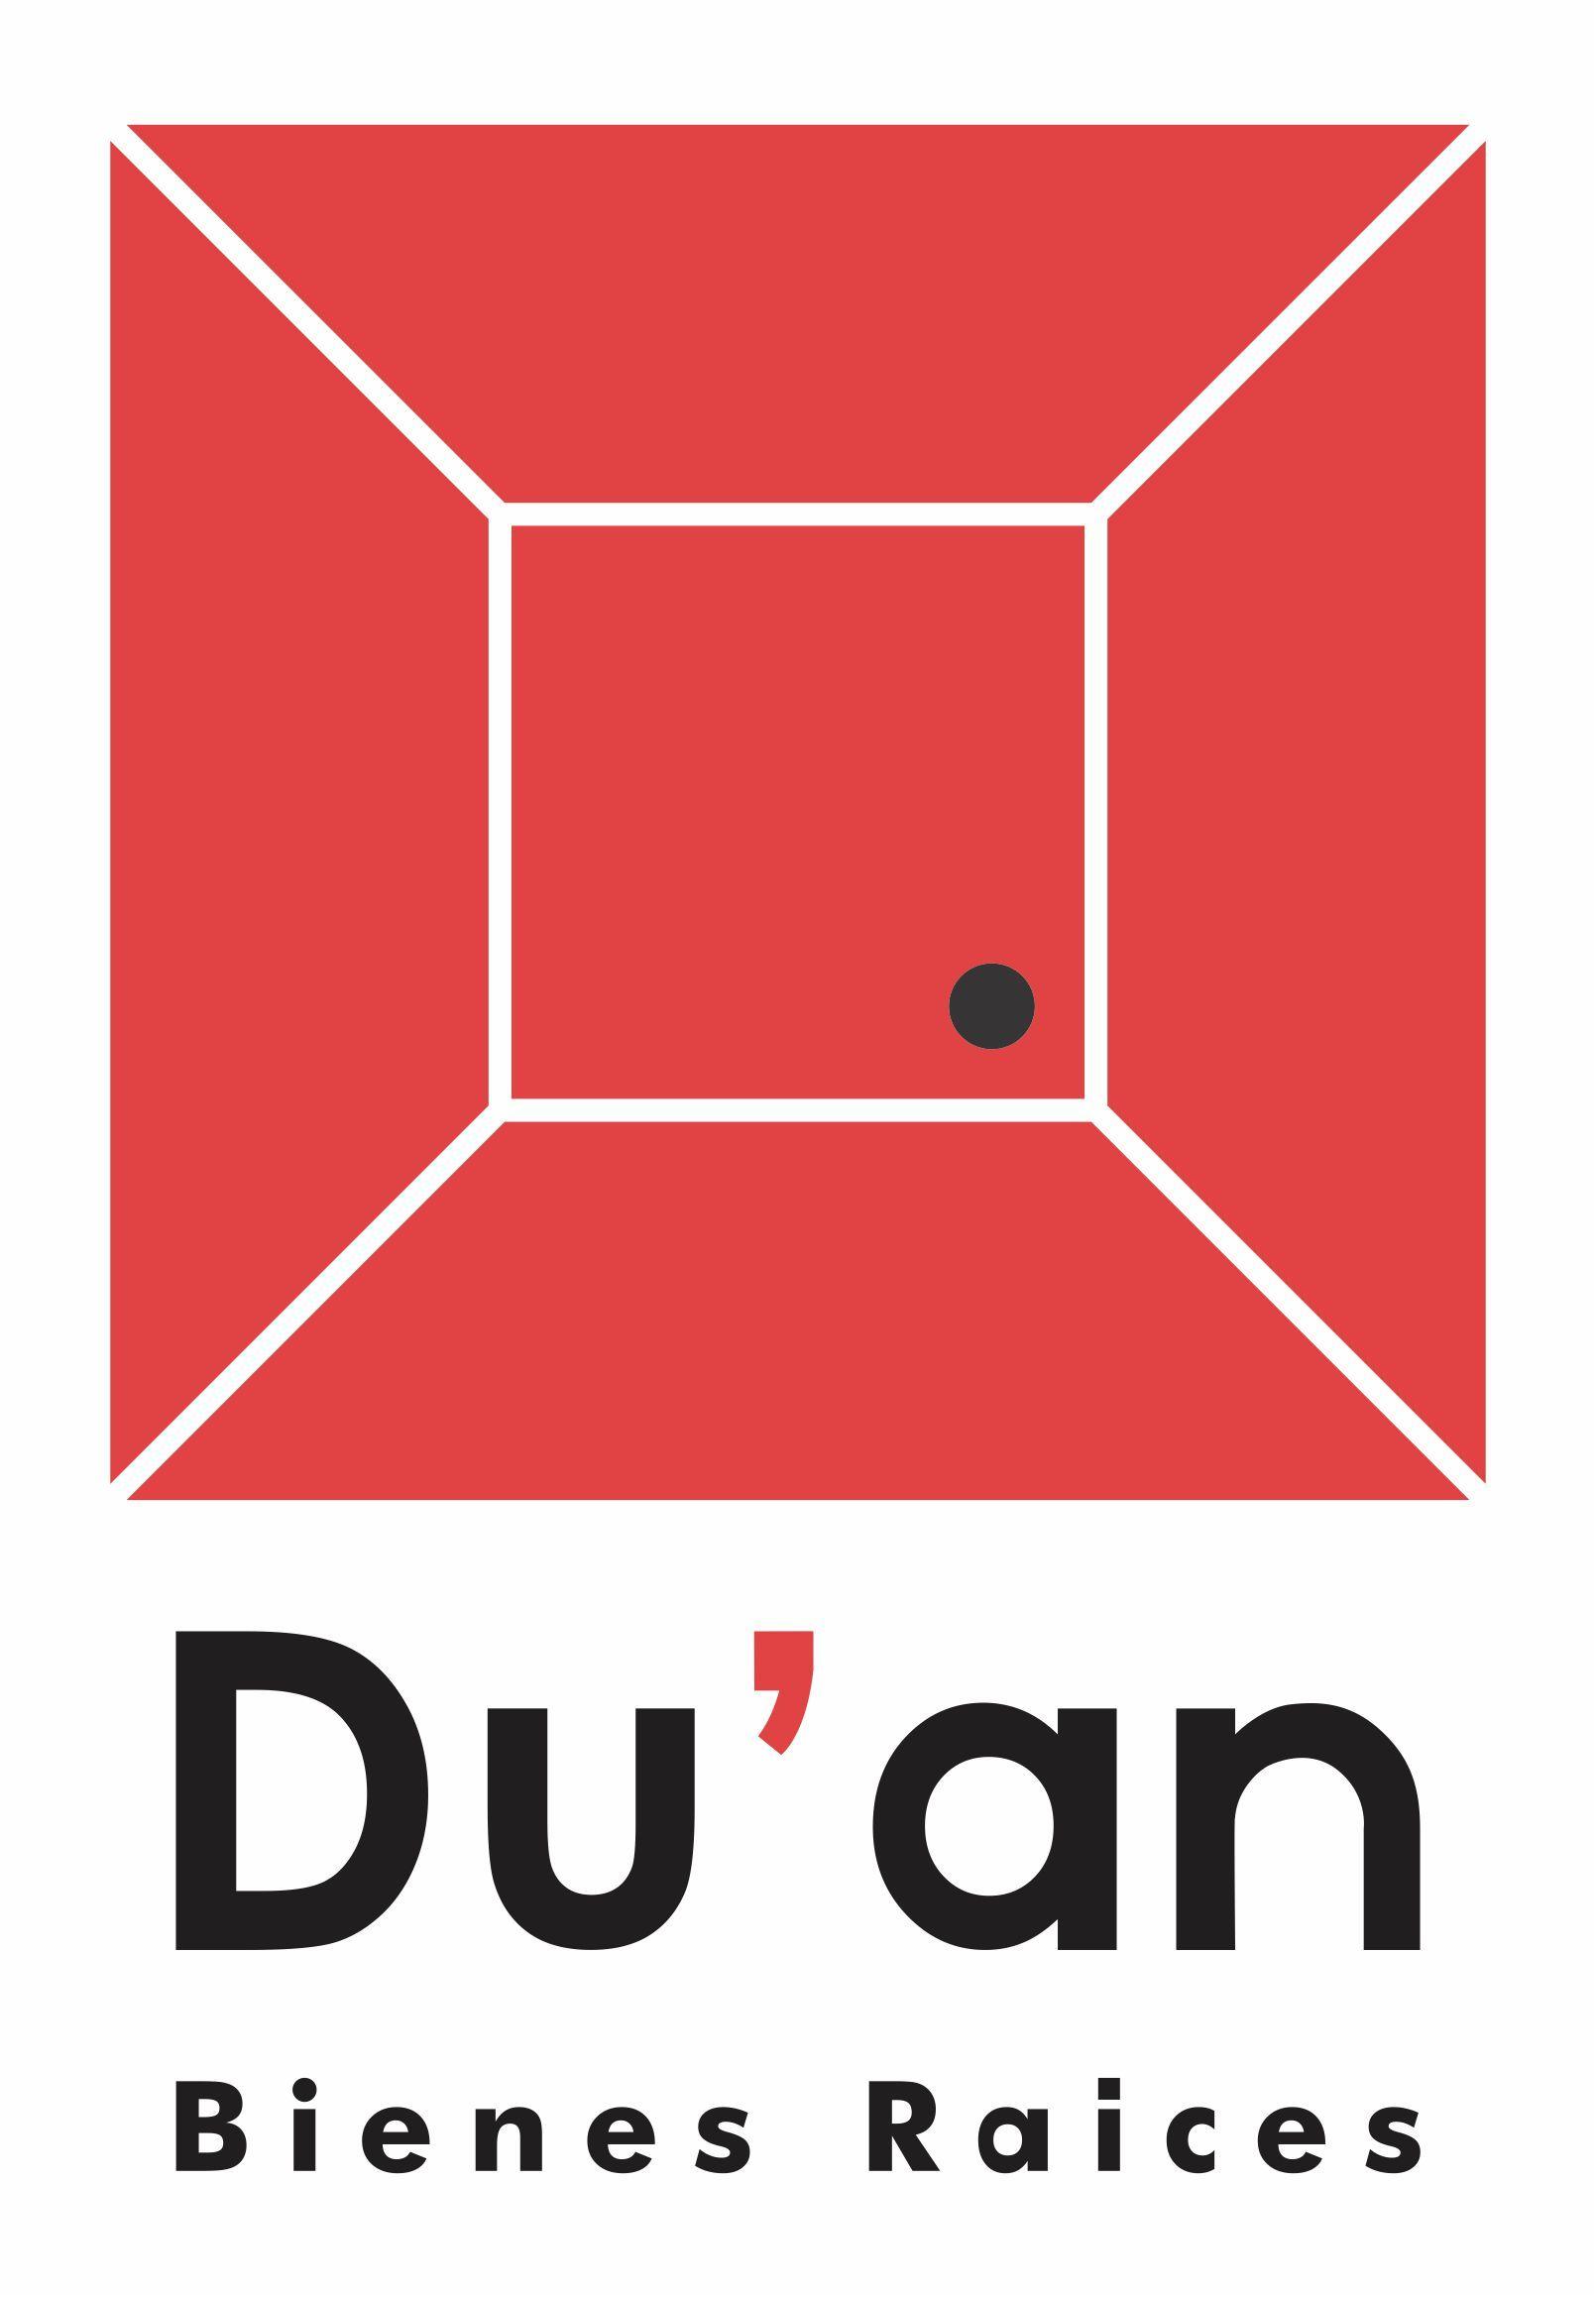 Logo de  Duan Bienes Raices